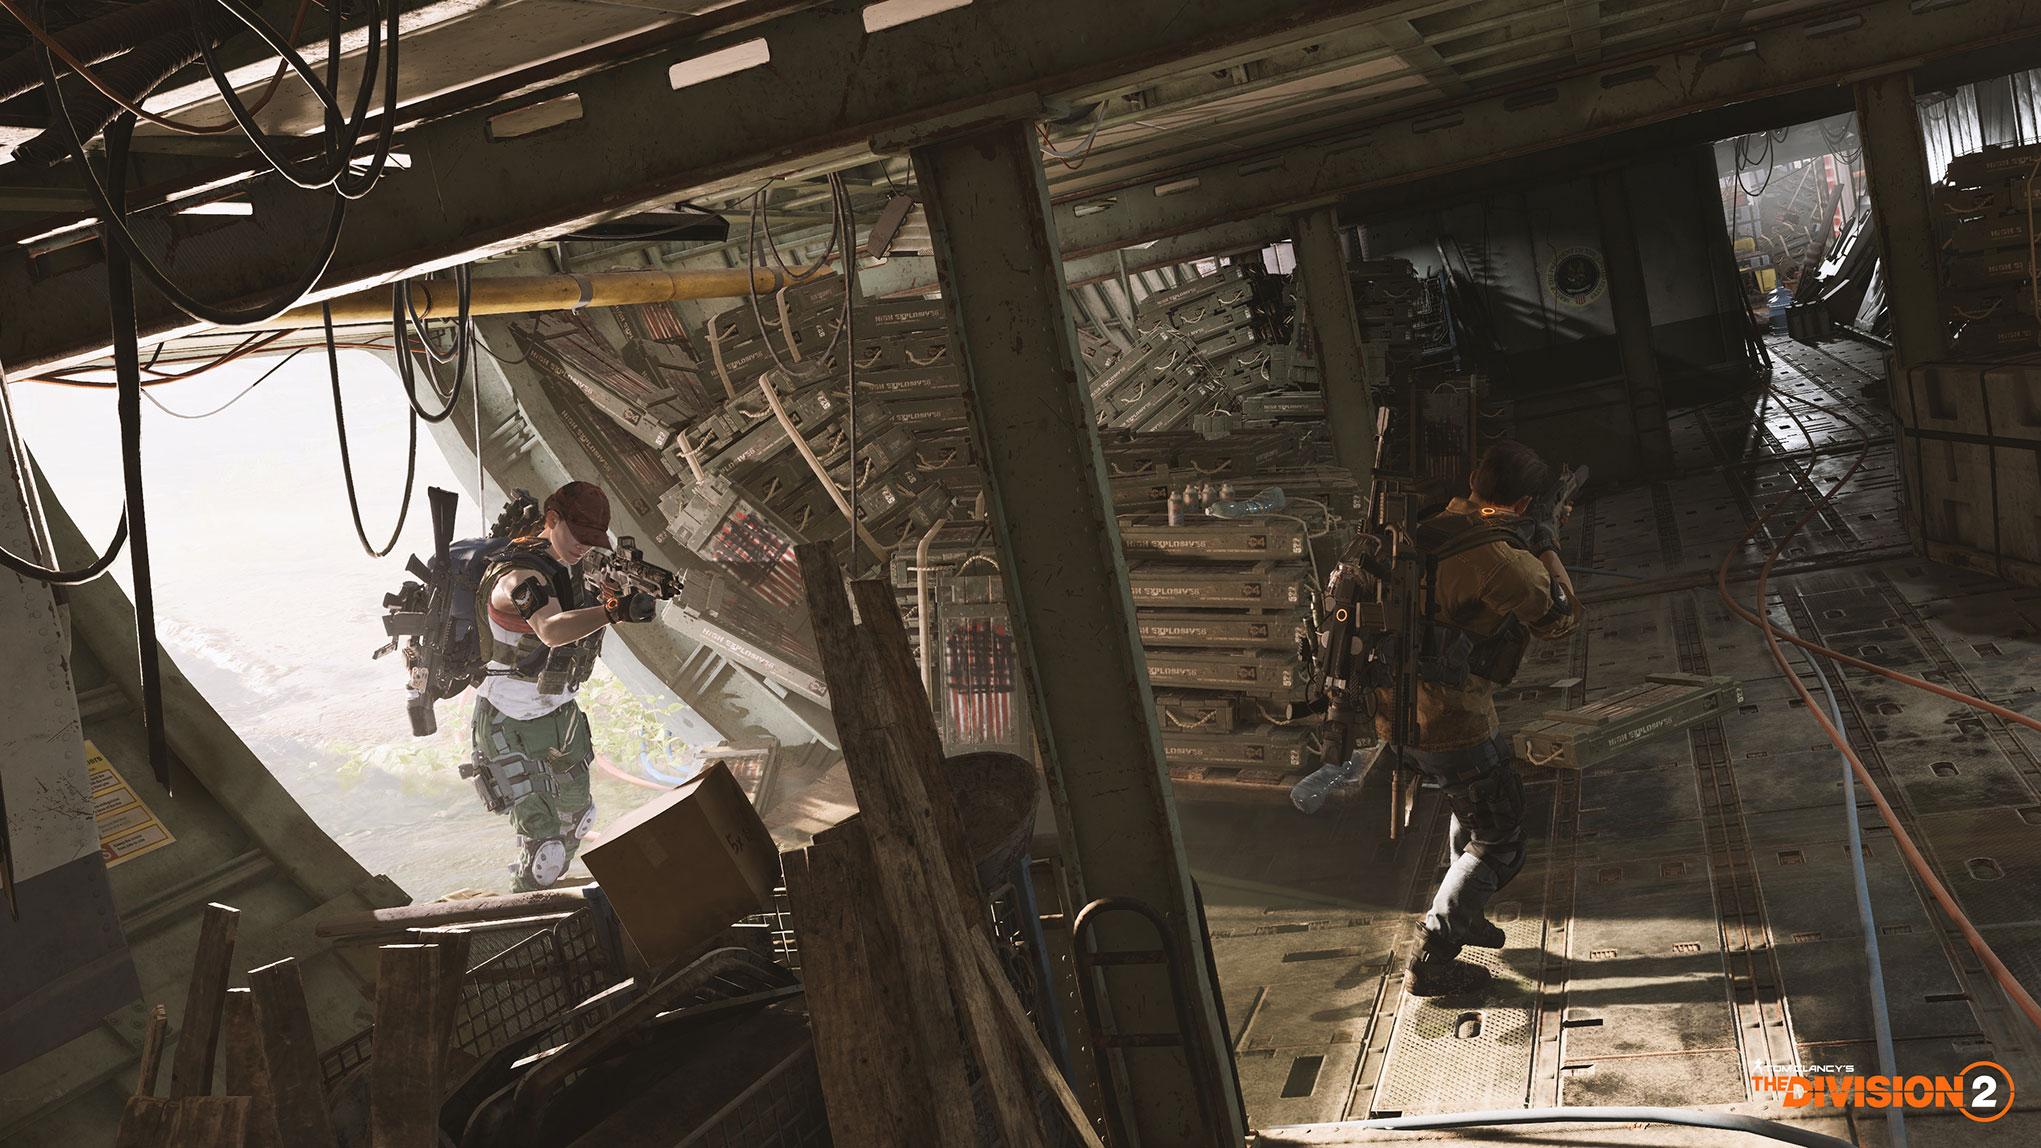 """Multiplayer-Schlachten mit bis zu acht Spielern als Koop-Team: """"The Division 2"""" spielt in den von Seuchen und Bürgerkrieg verwüsteten USA. Voraussichtlicher Stichtag für die Apokalypse ist im März 2019."""